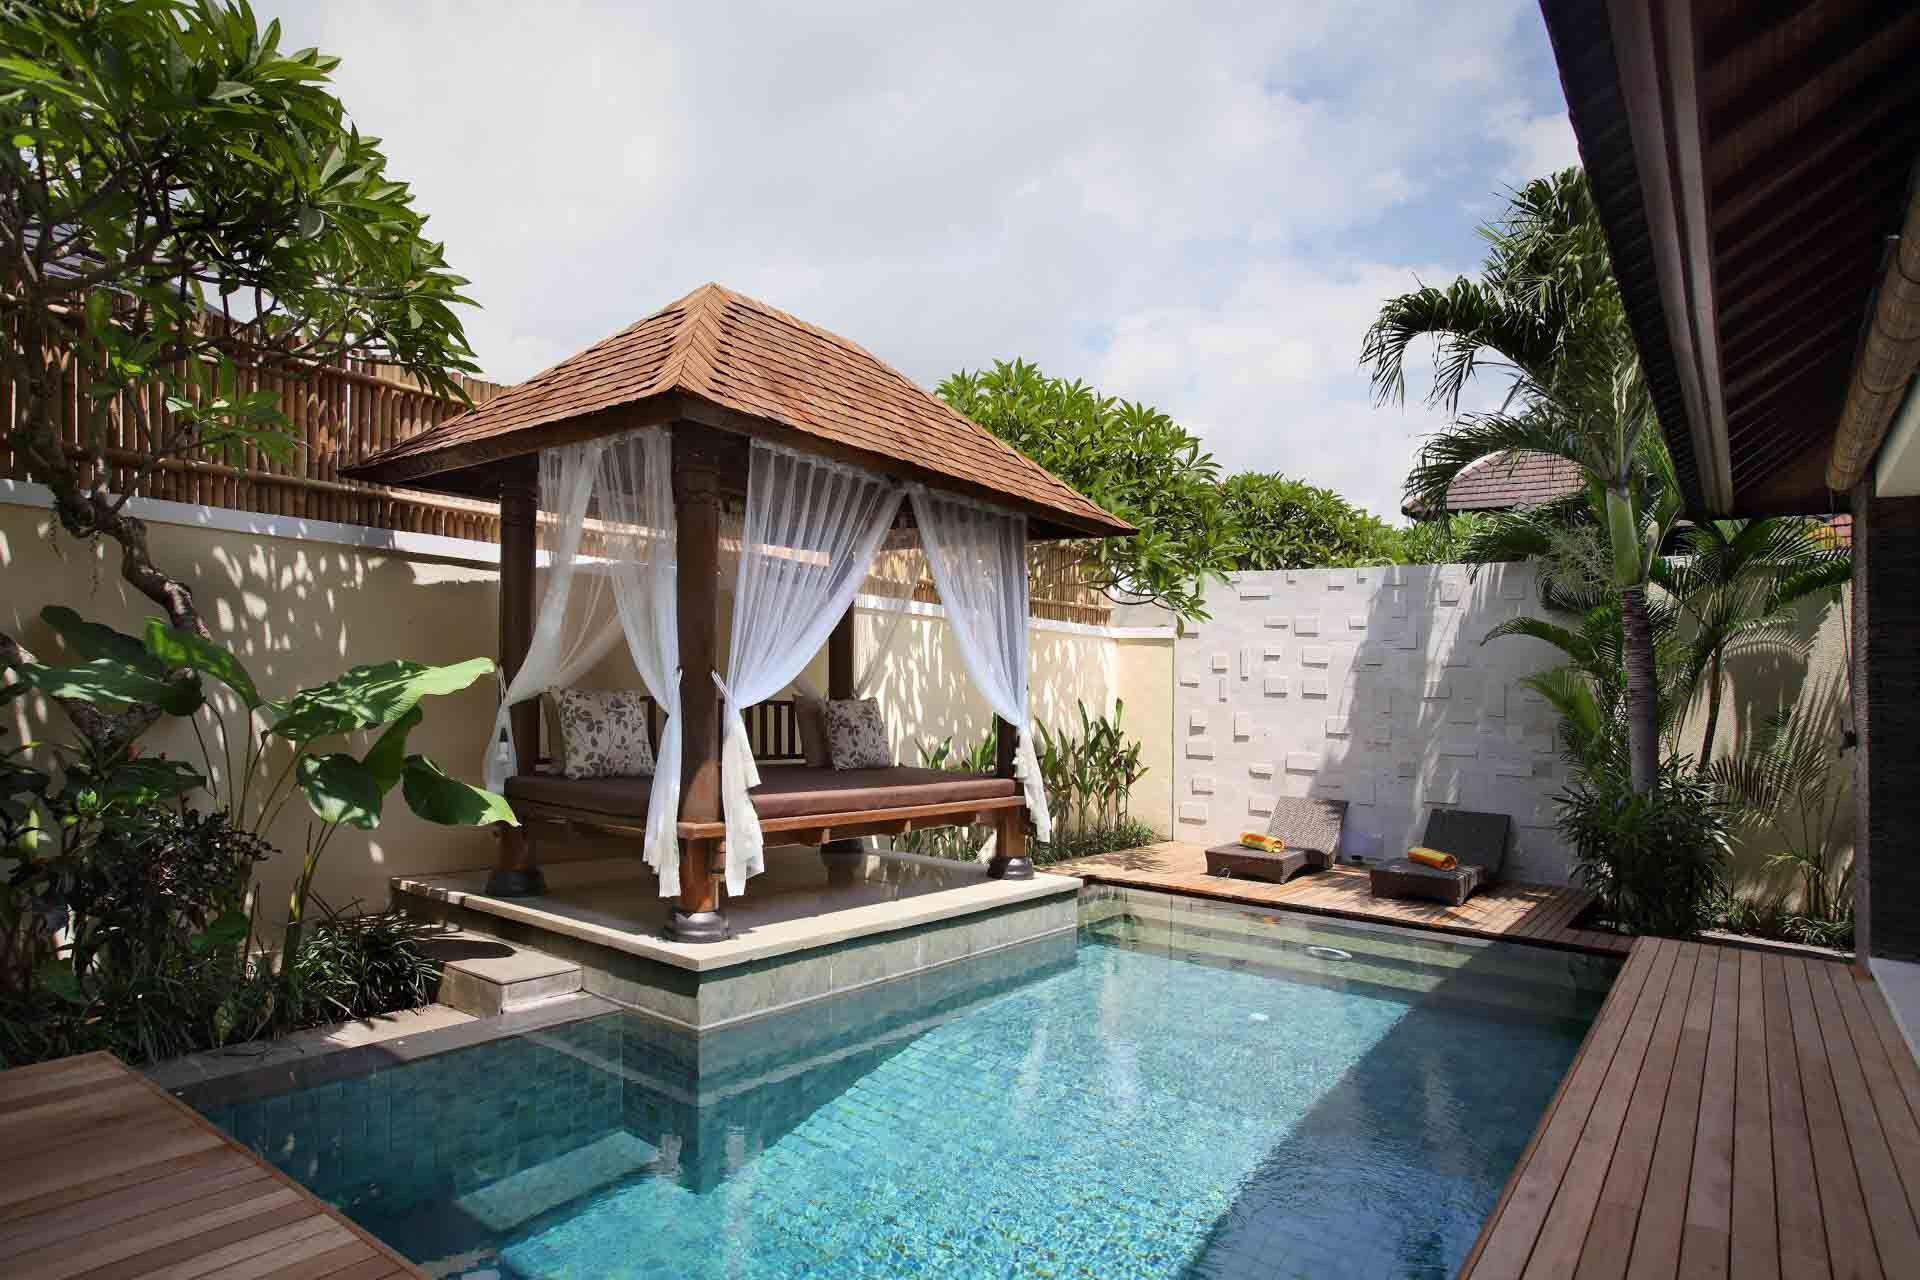 Villa Madhya Bali Seminyak Villa - Cantik Bali Villas | Villas ...